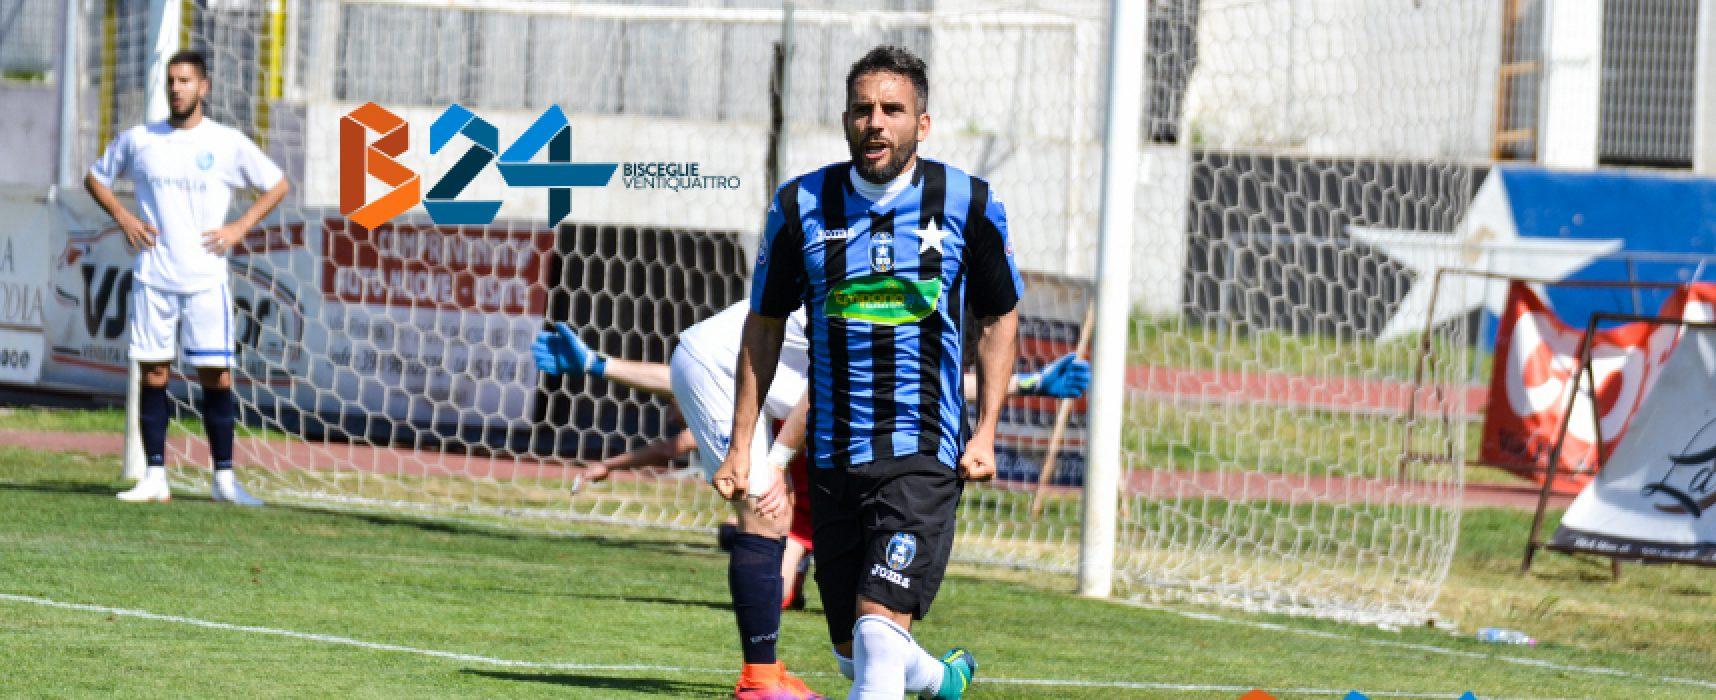 Poule Scudetto serie D: Montaldi-Petta ed il Bisceglie calcio vince ad Arzachena